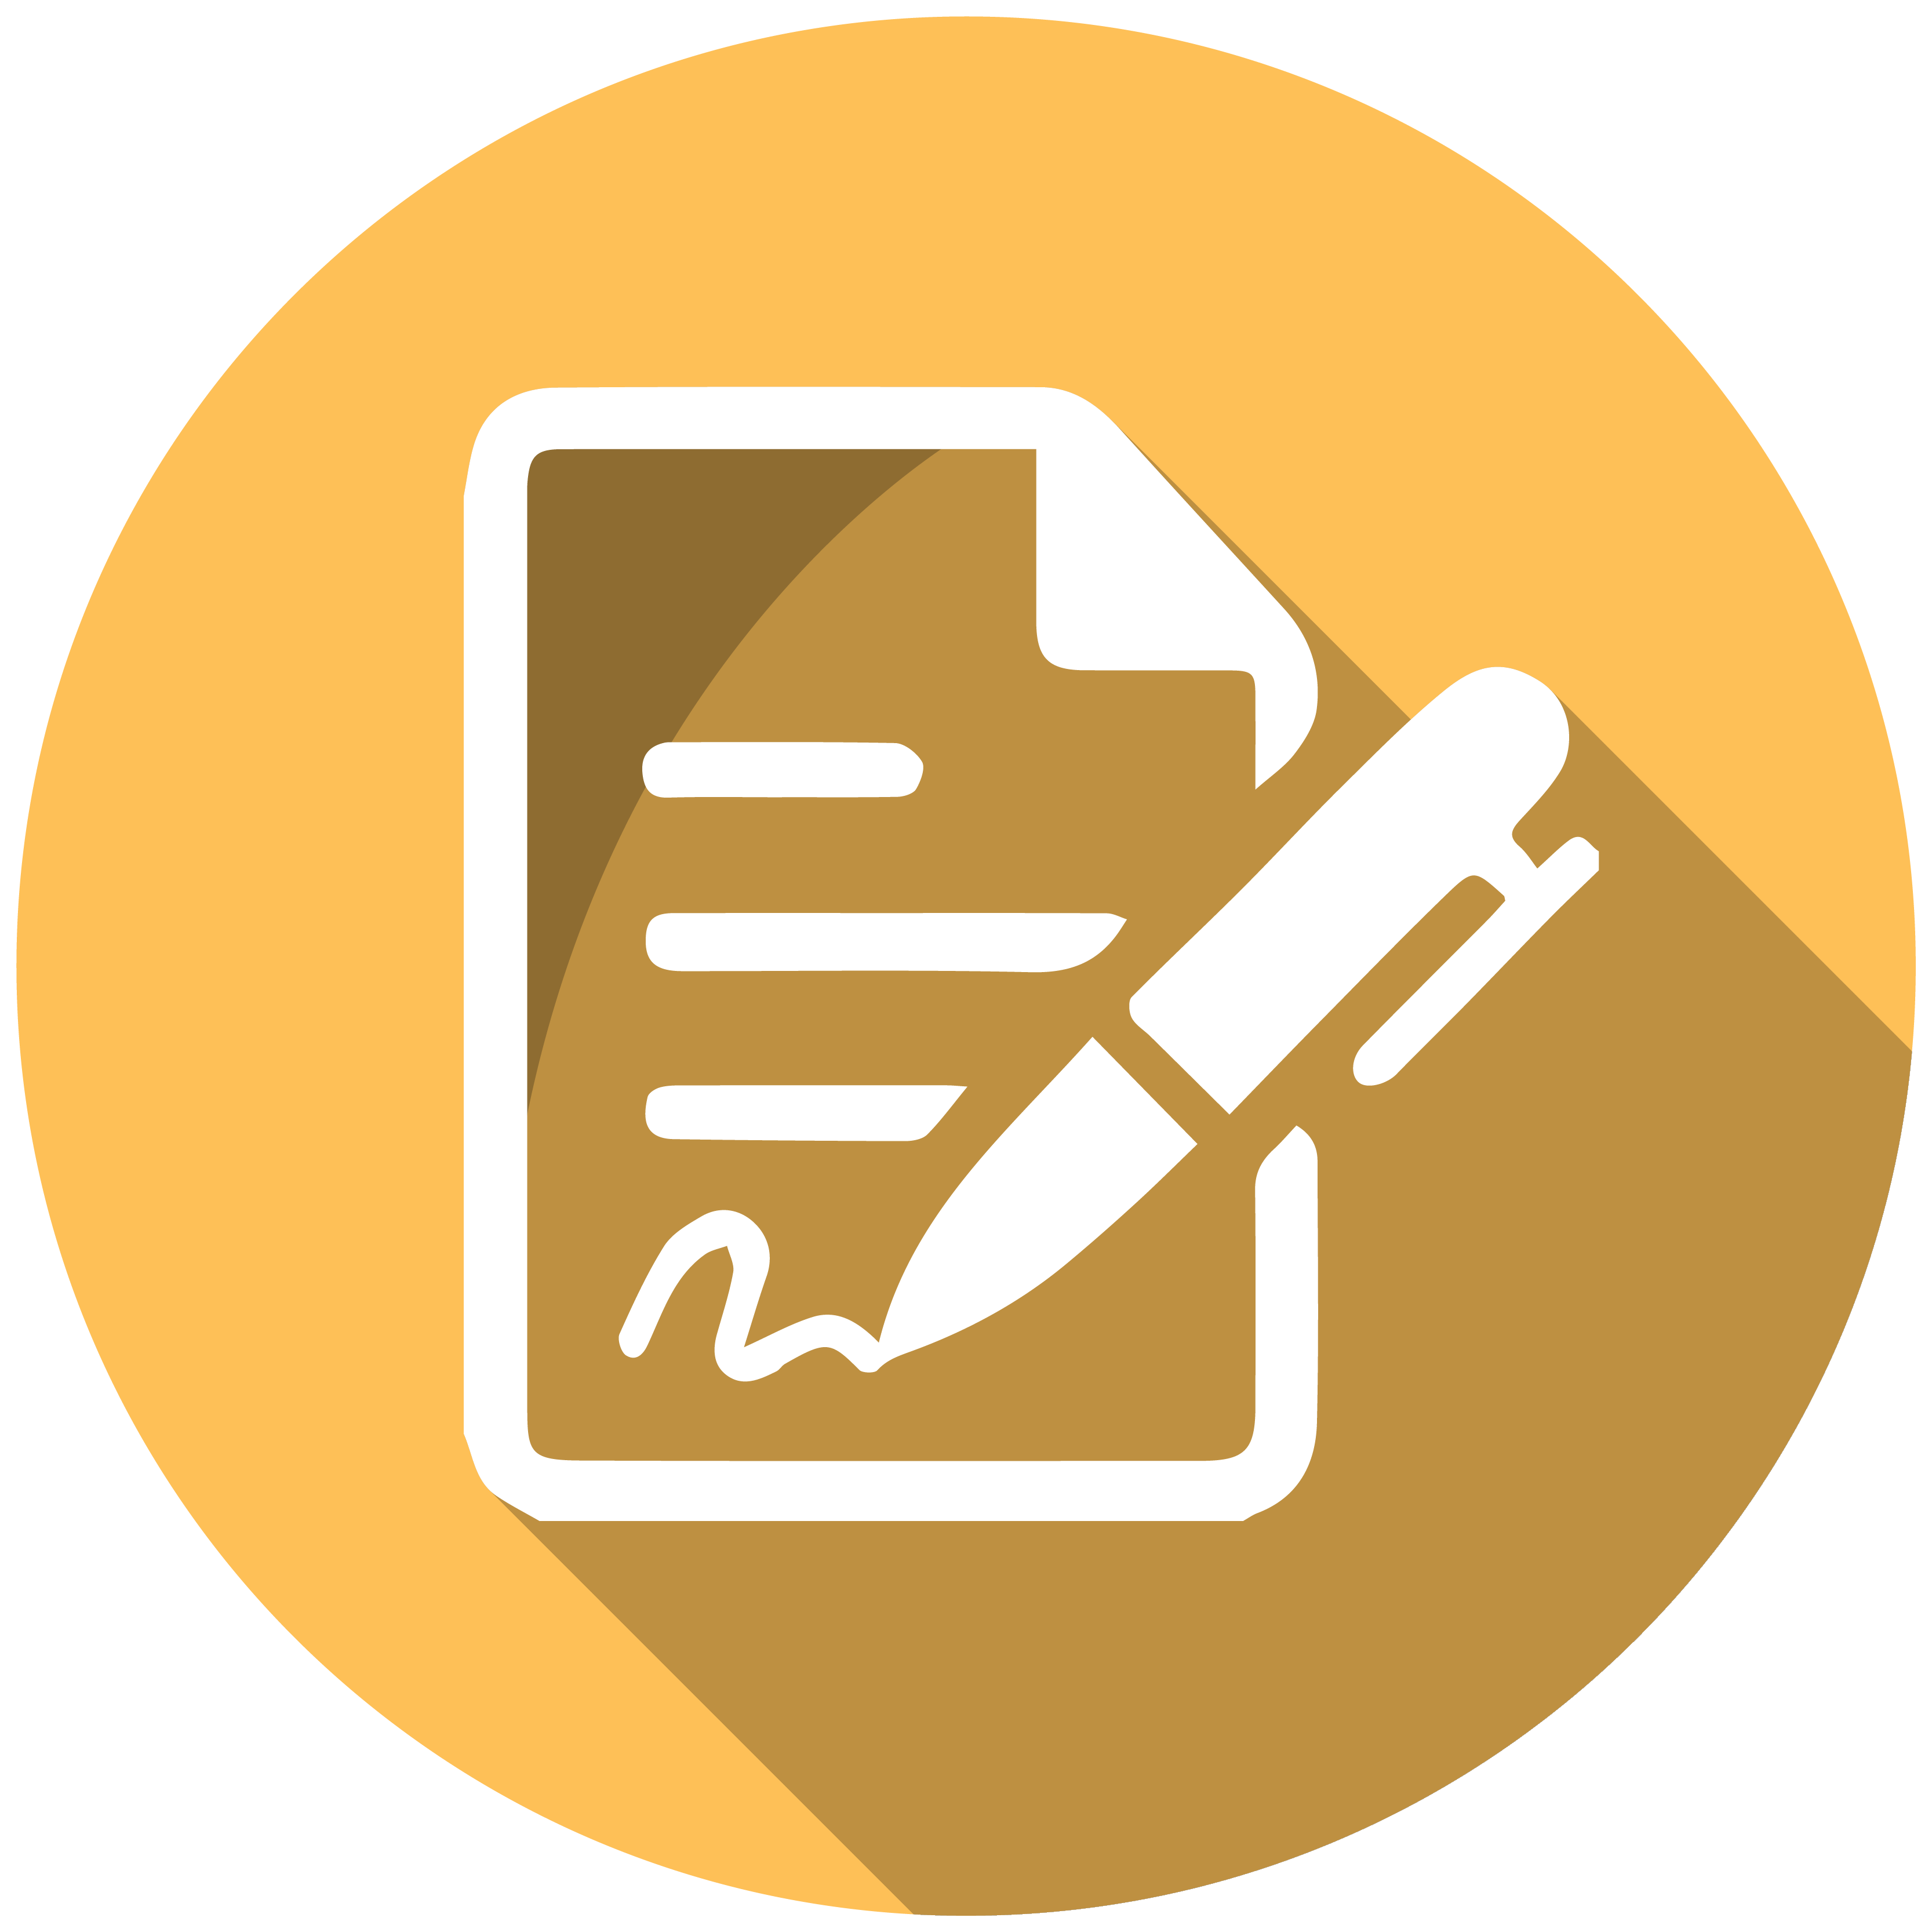 پاورپوینت معرفی دانشگاه , بررسی ضوابط و استانداردها و تحلیل نمونه های داخلی و خارجی